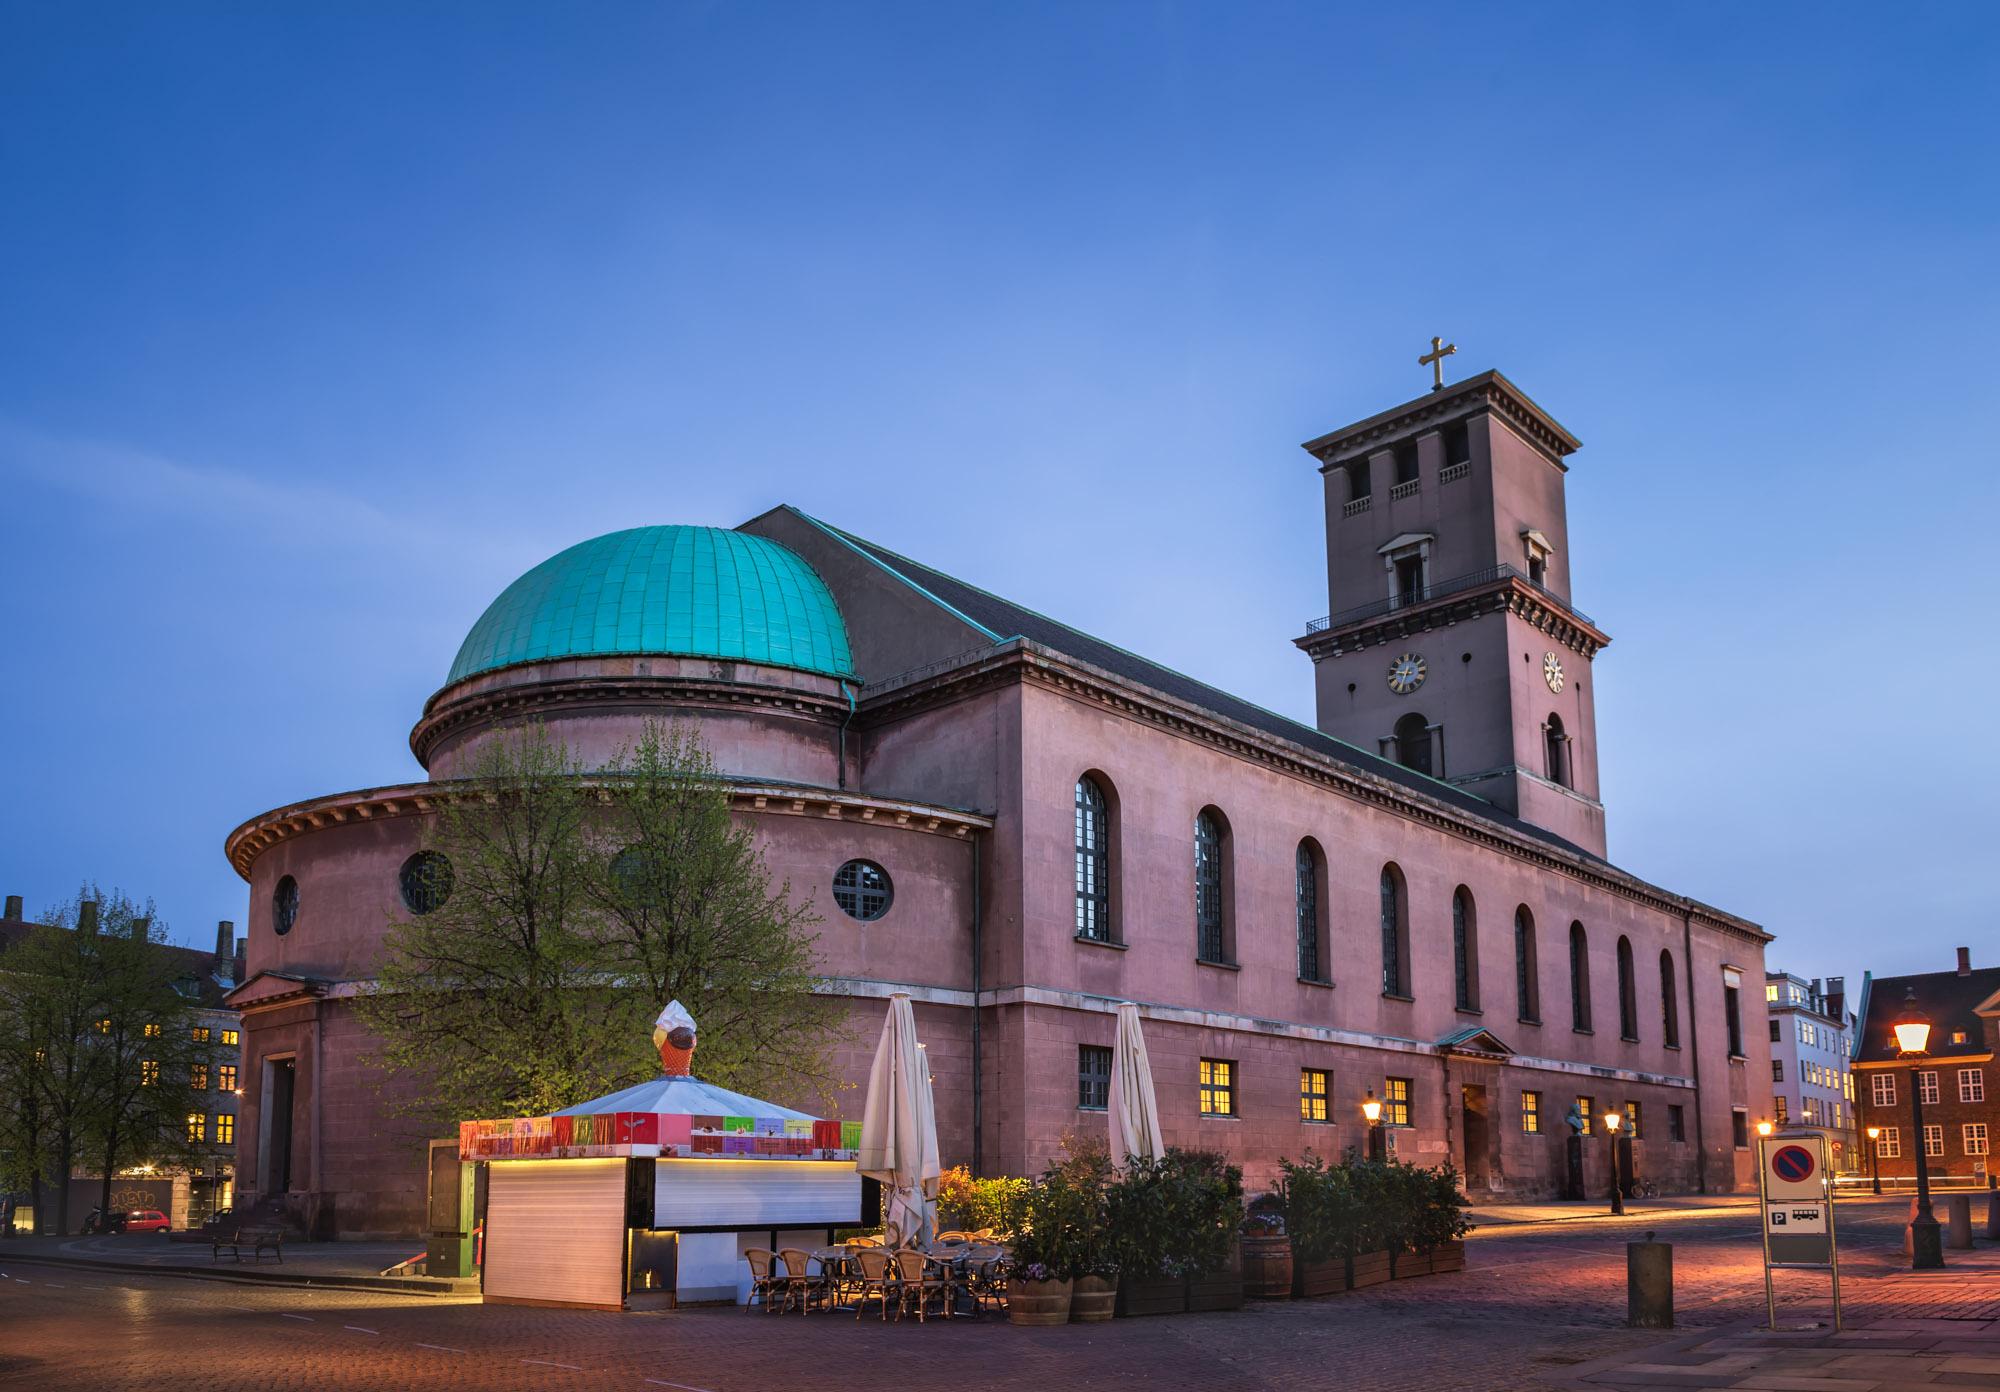 Church of Our Lady in Copenhagen, Denmark